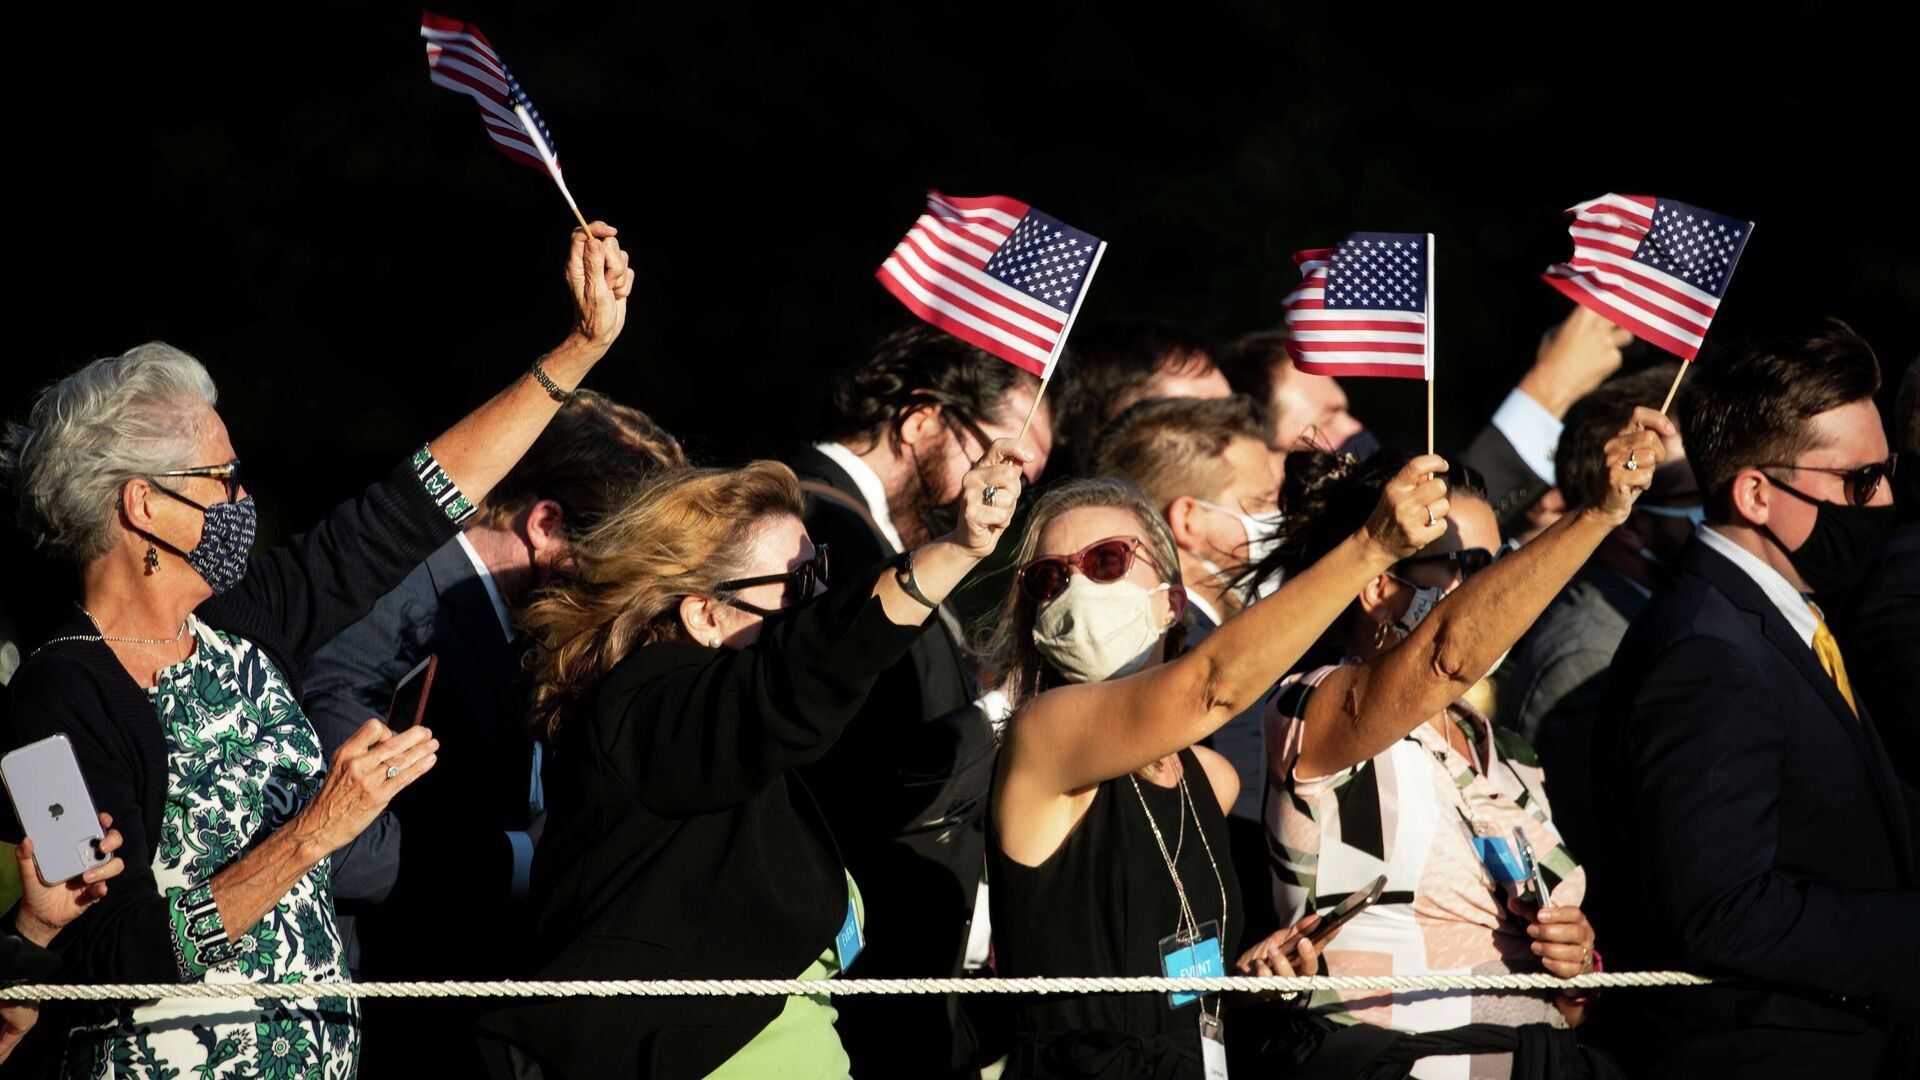 В США устроили массовые беспорядки из-за выборов президента страны